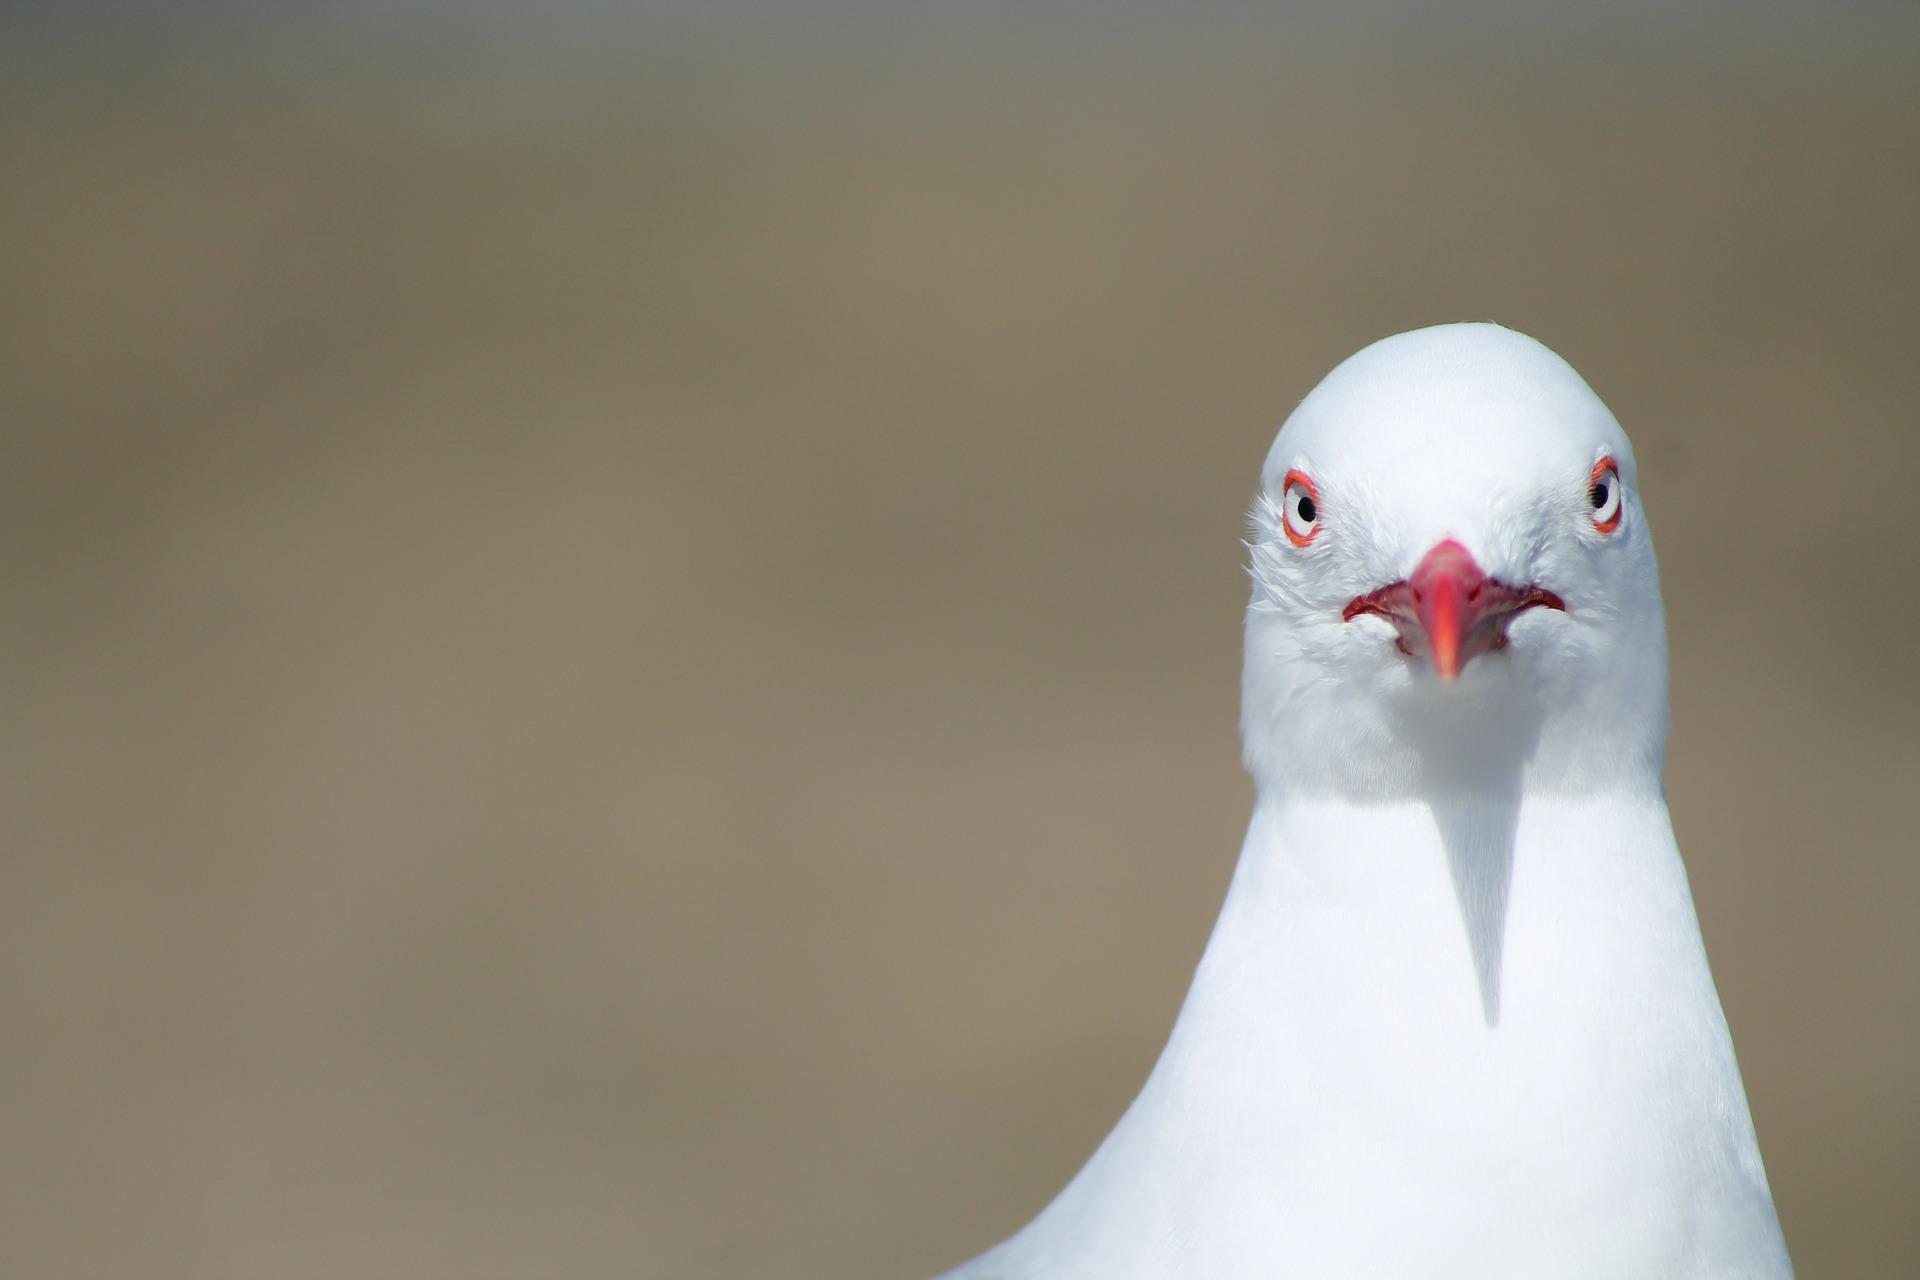 bird-525842_1920